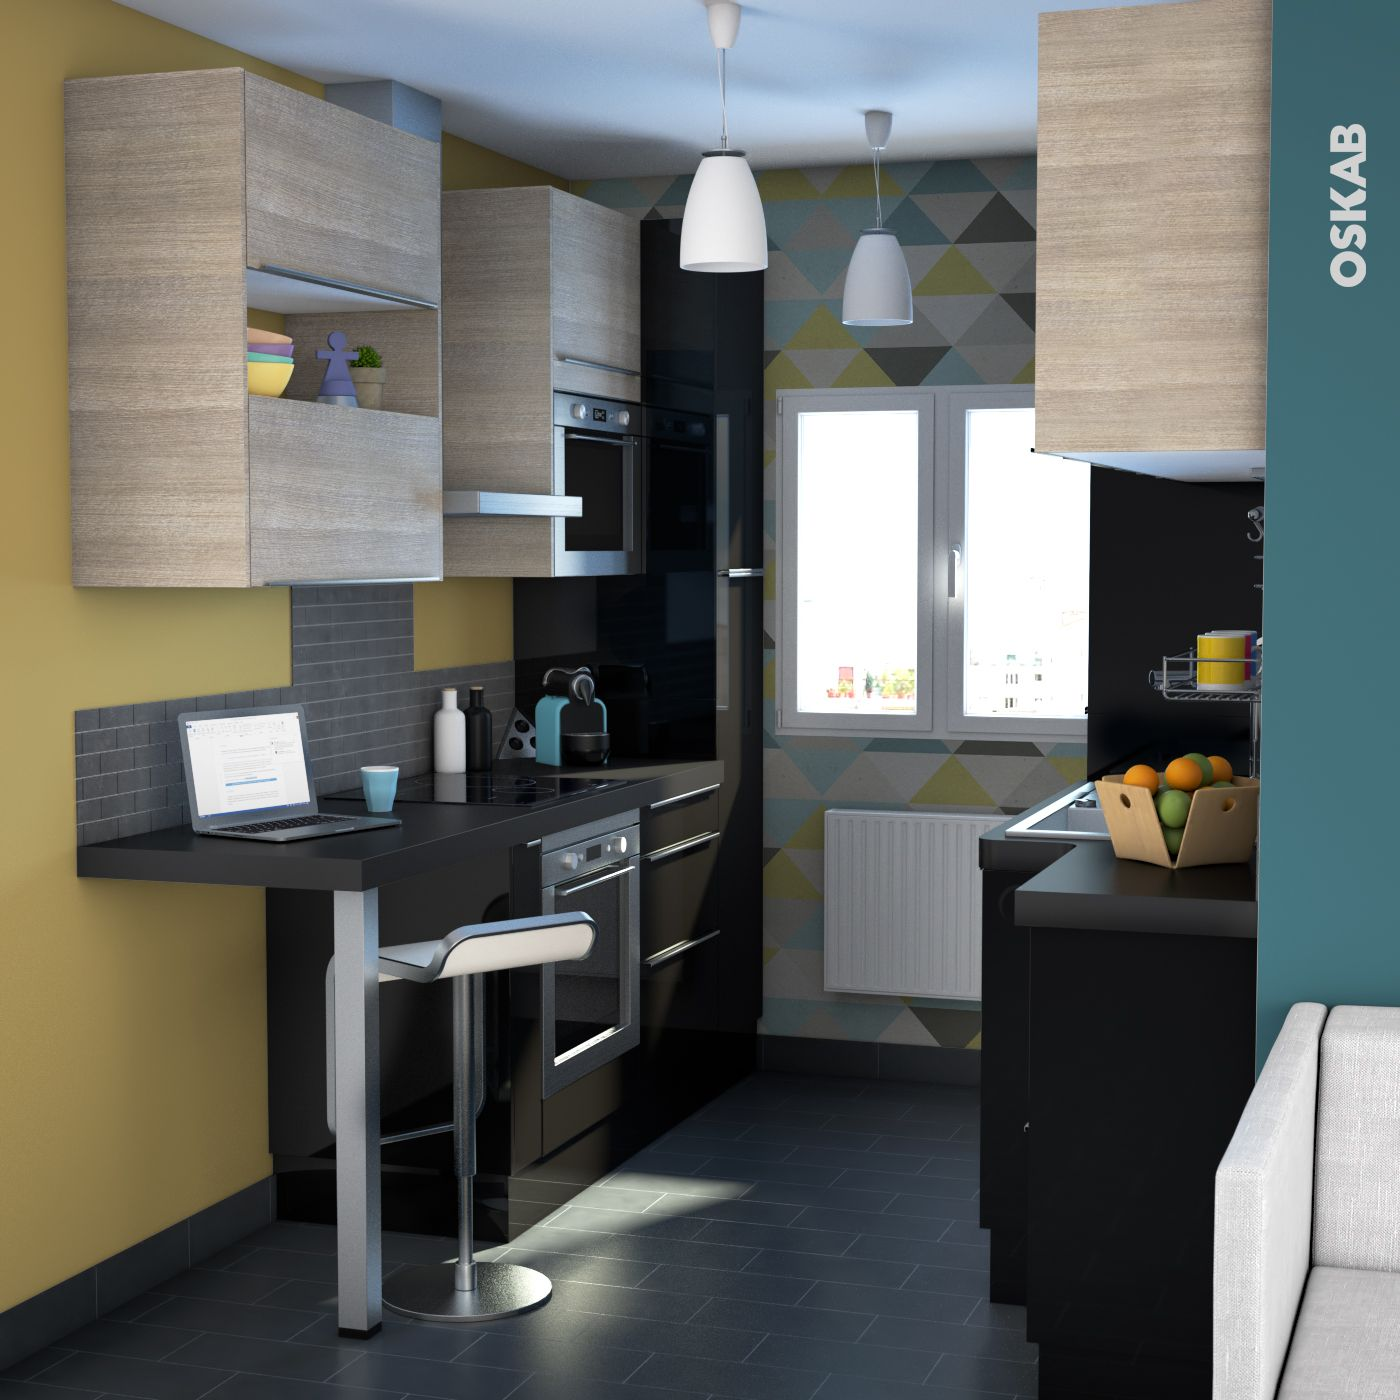 cuisine noire et bois ouverte ambiance tendance graphique implantation en double i. Black Bedroom Furniture Sets. Home Design Ideas